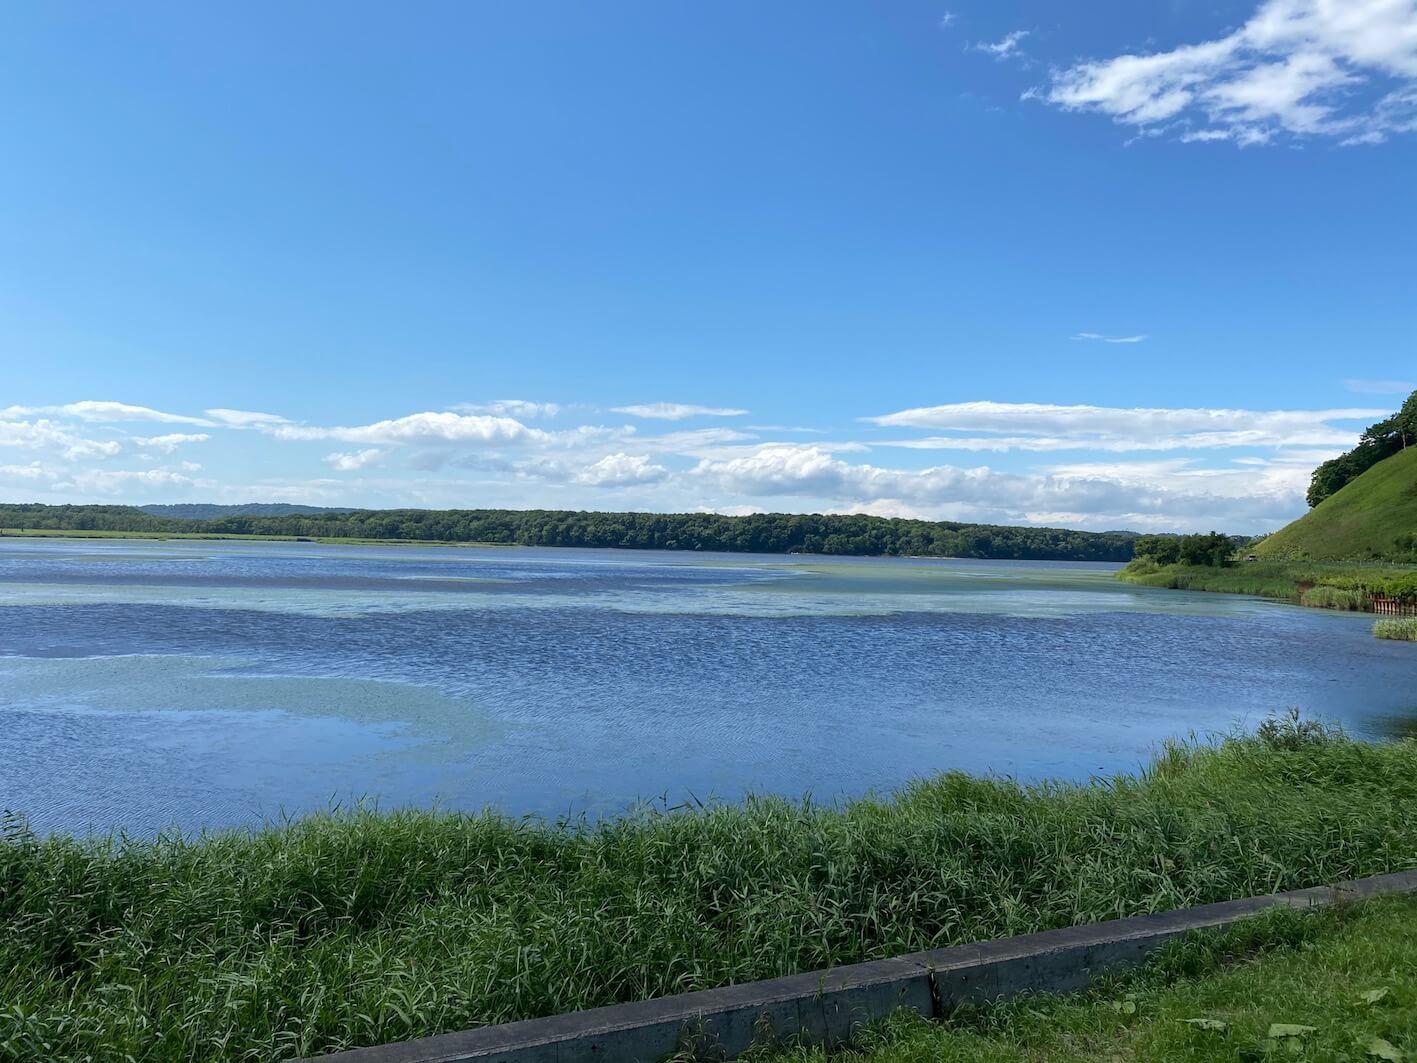 【五感で感じる旅】道東 釧路湿原、阿寒・摩周国立公園の大自然をめぐる(後編)